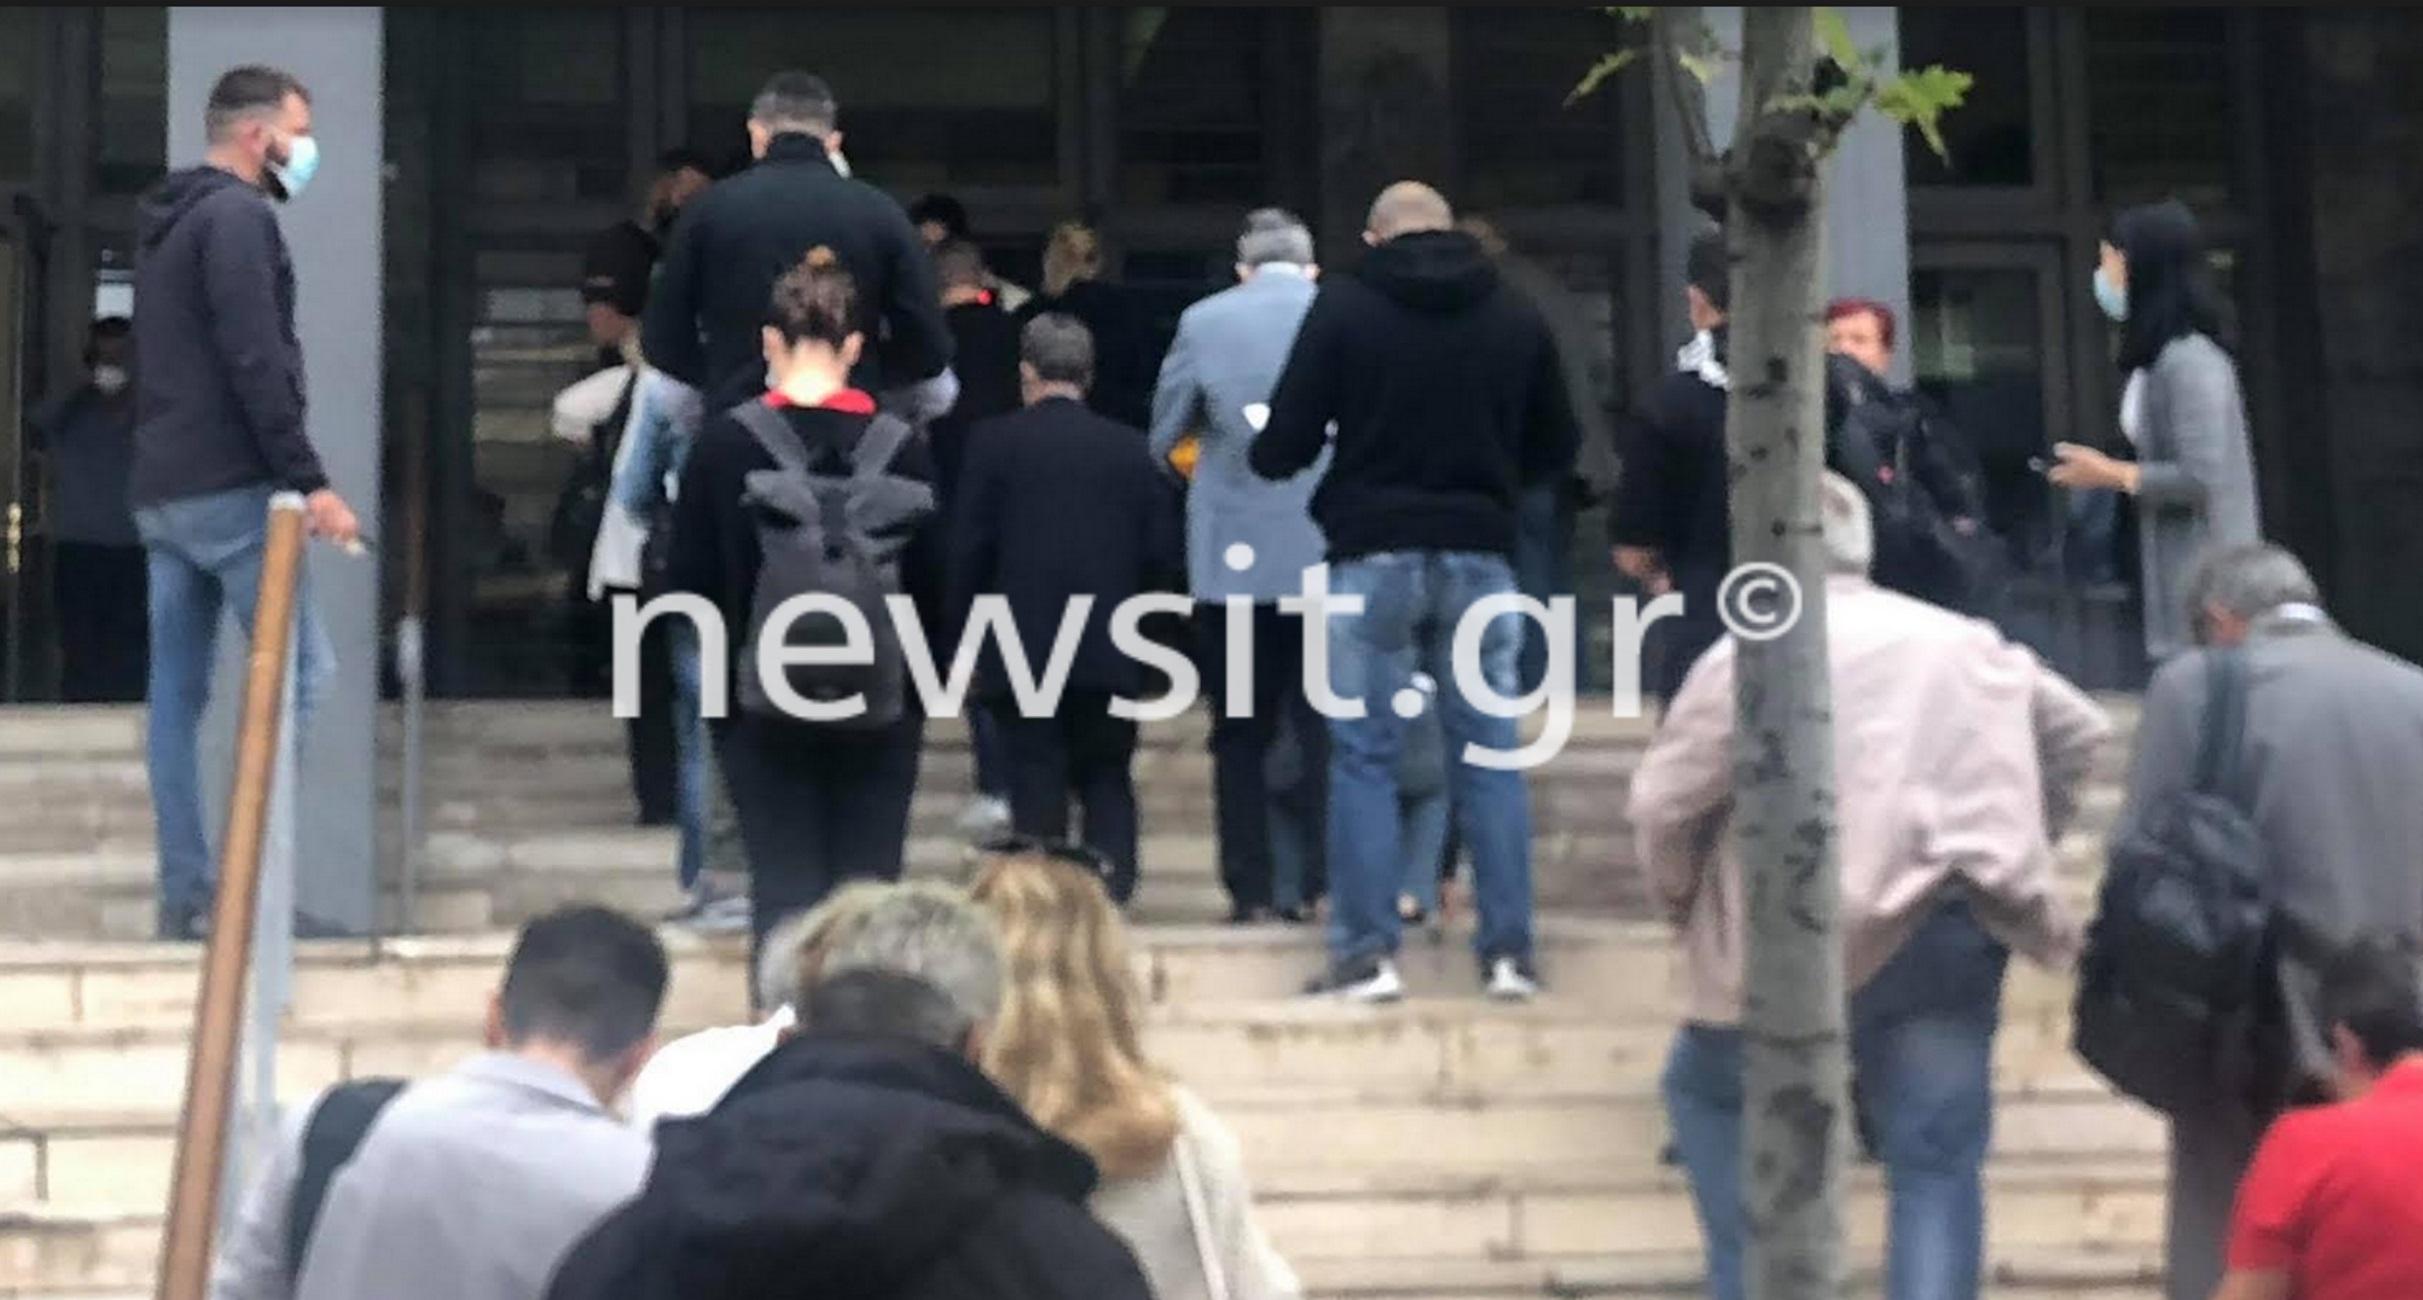 Θεσσαλονίκη – Κορονοϊός: Ο έλεγχος στα δικαστήρια έφερε αυτές τις εικόνες συνωστισμού στην είσοδο